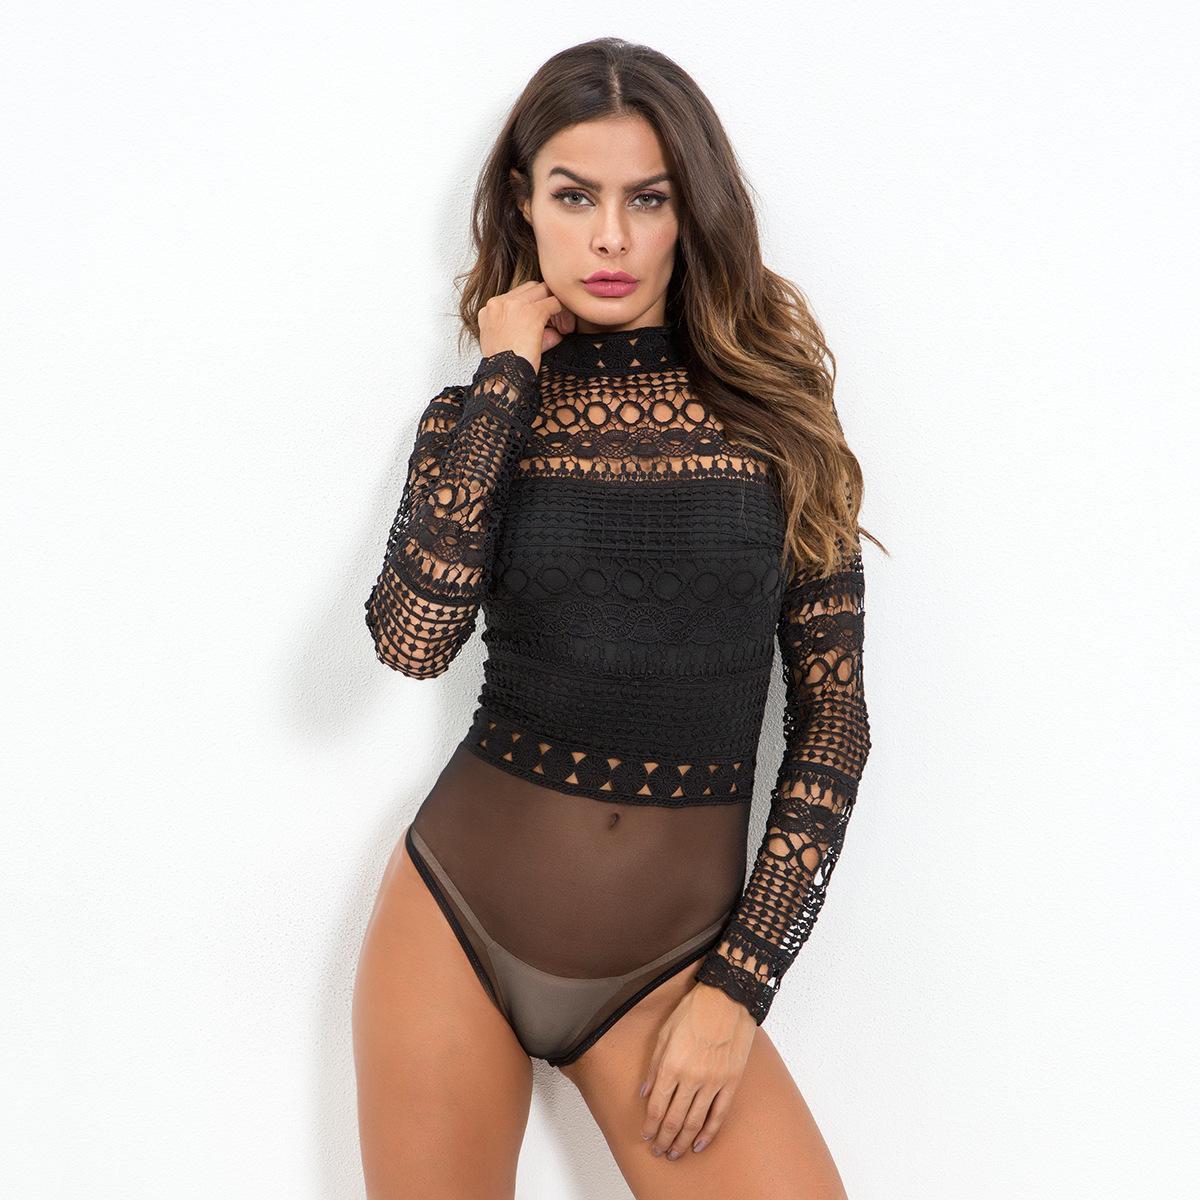 Acheter Sexy Noir Blanc Dentelle Maille Crochet Body Femmes Creuser Col  Roulé À Manches Longues Barboteuses Corps Combinaison Femme D hiver Tops  Combinaison ... ae4c9a2ec2d